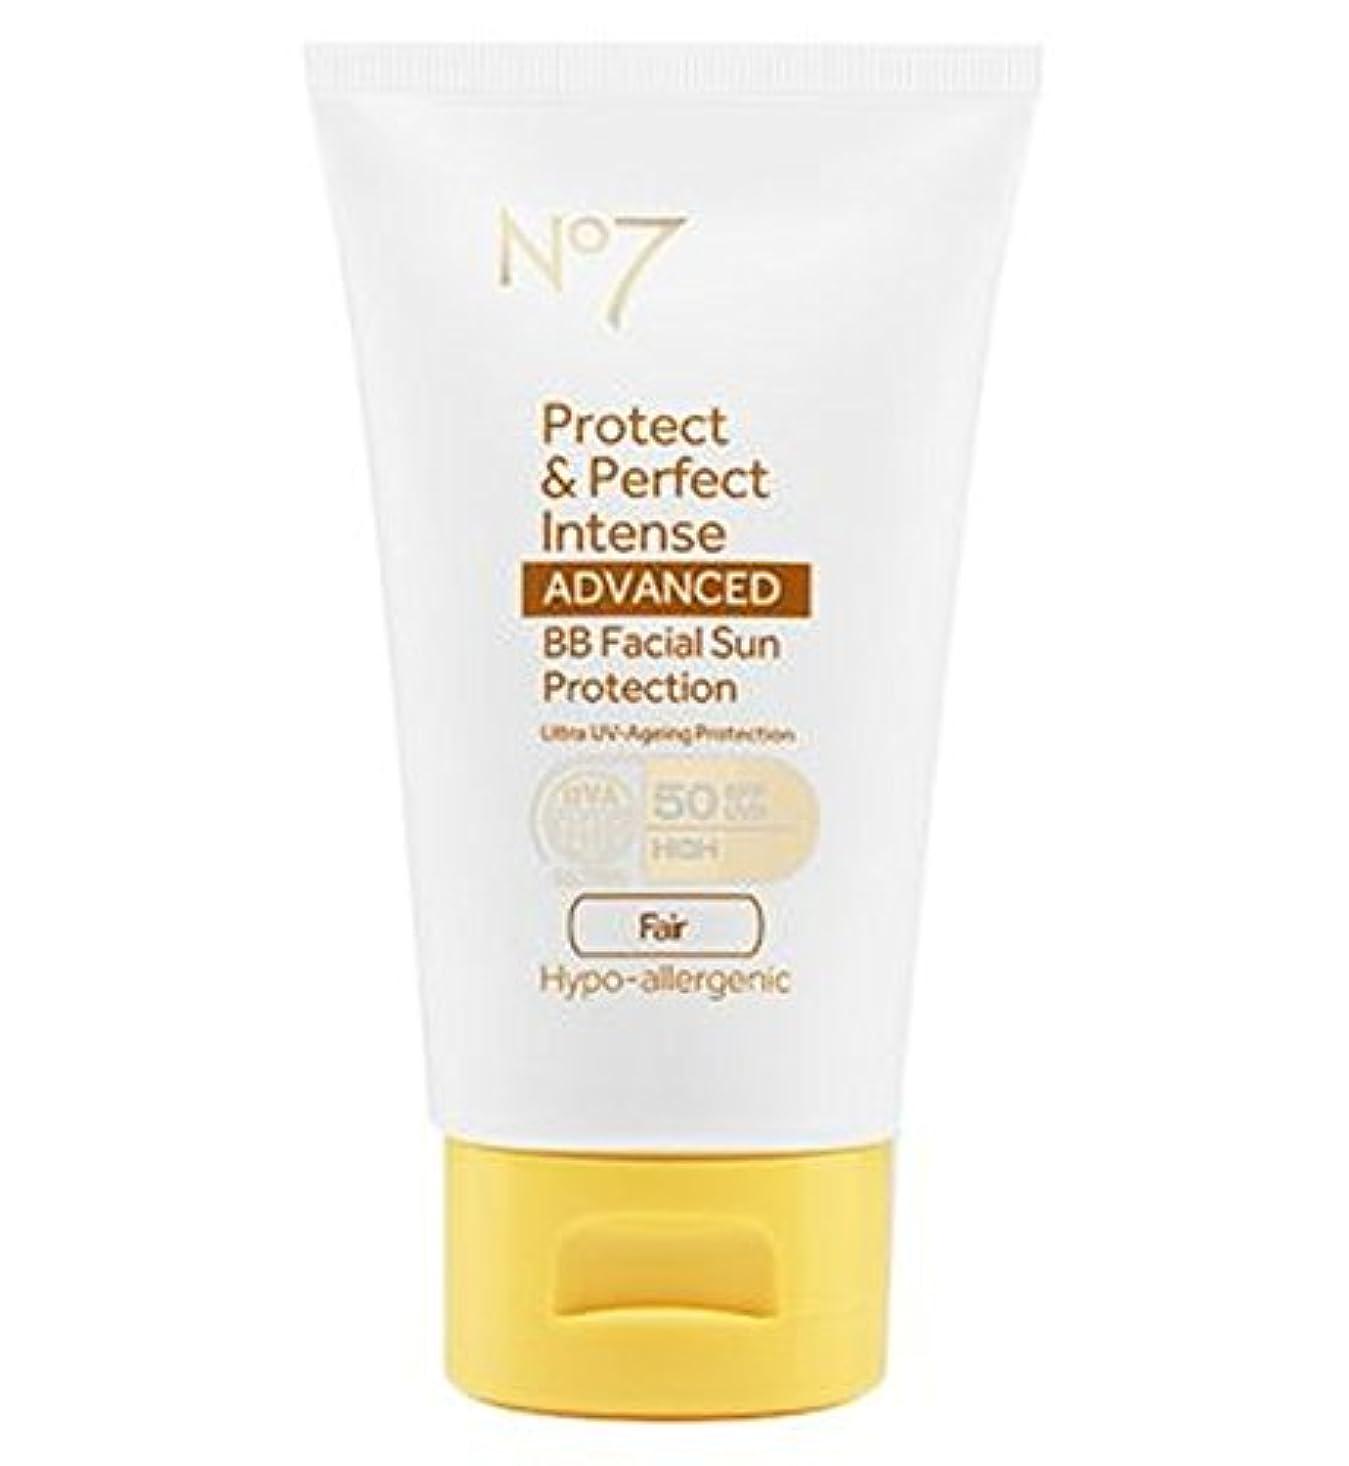 裕福な公演慎重にNo7 Protect & Perfect Intense ADVANCED BB Facial Sun Protection SPF50 Fair 50ml - No7保護&完璧な強烈な先進Bb顔の日焼け防止Spf50フェア50ミリリットル (No7) [並行輸入品]